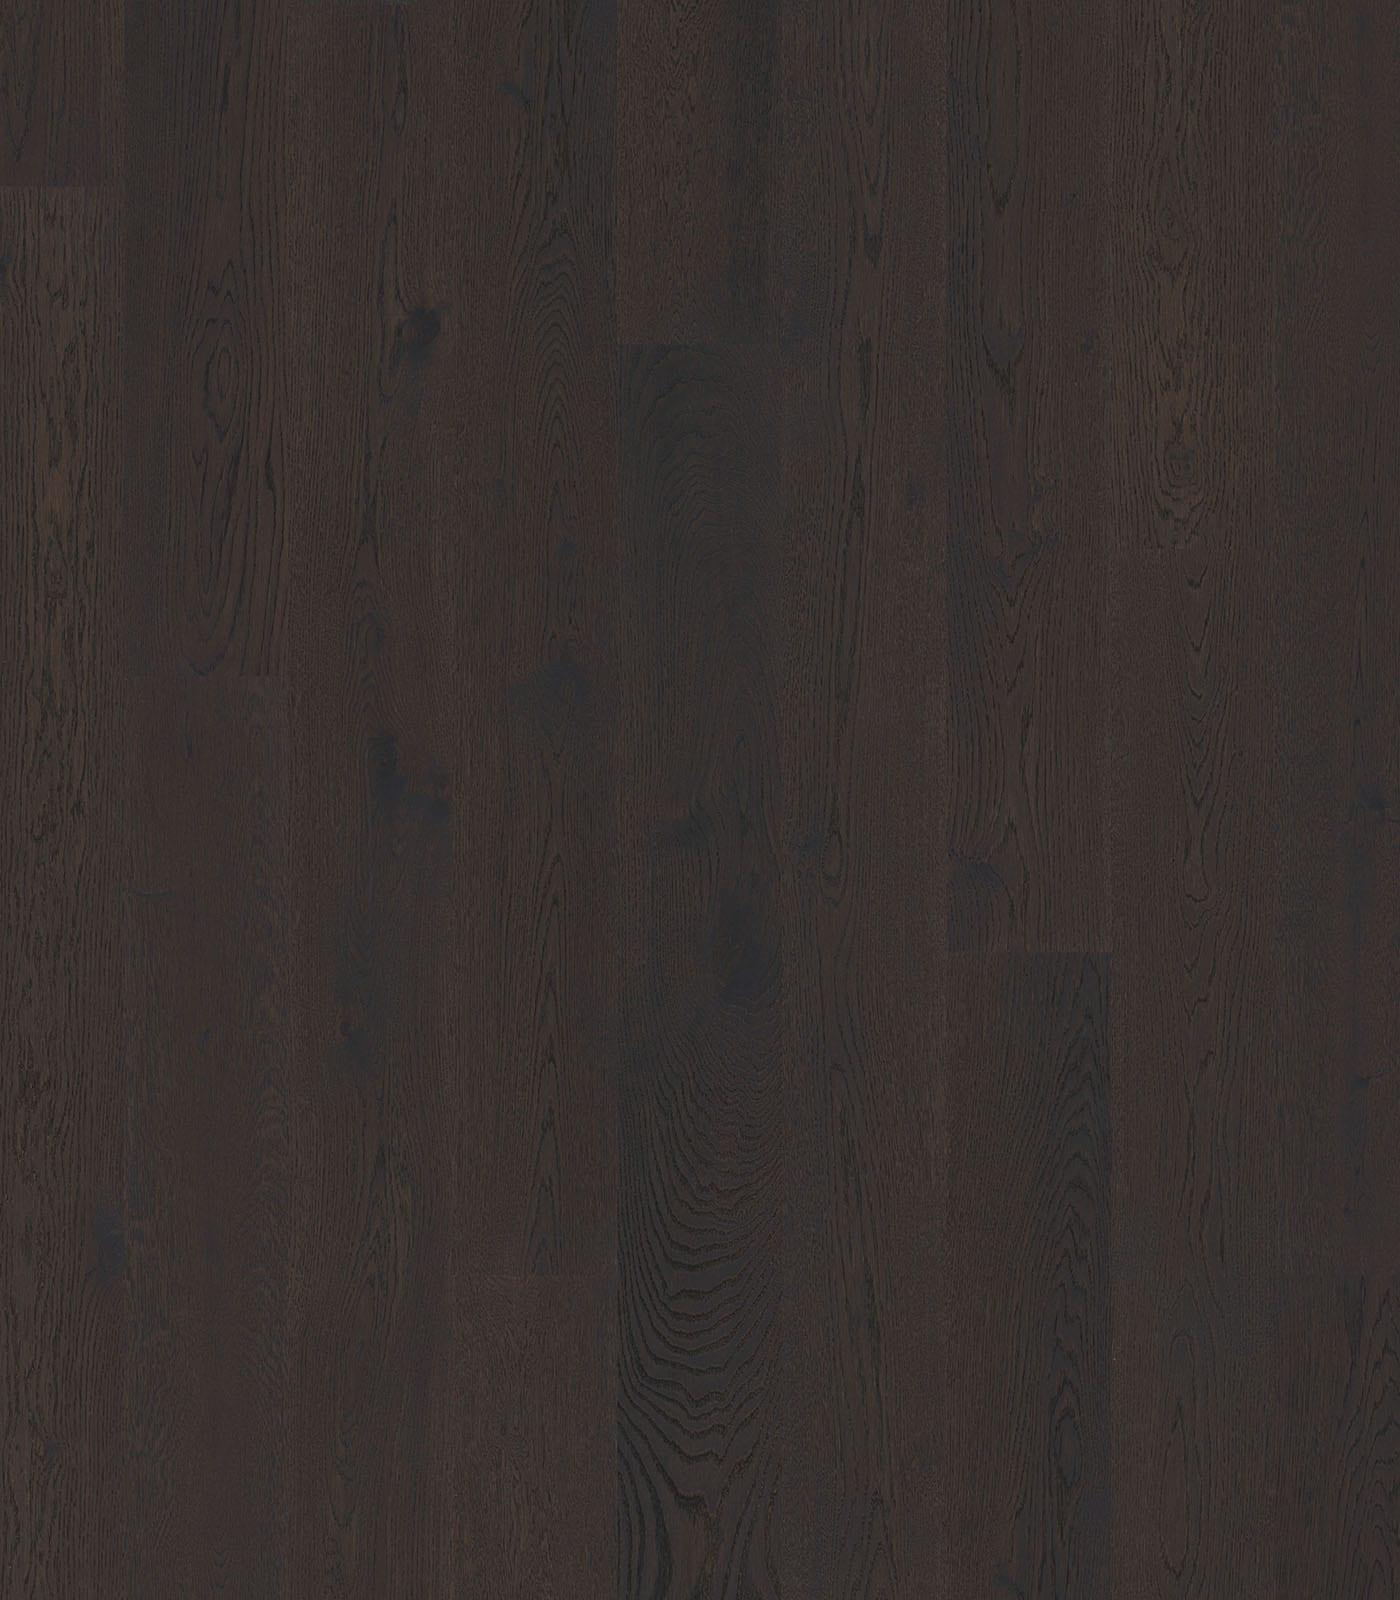 Cinder-Floors European Oak-Colors Collection